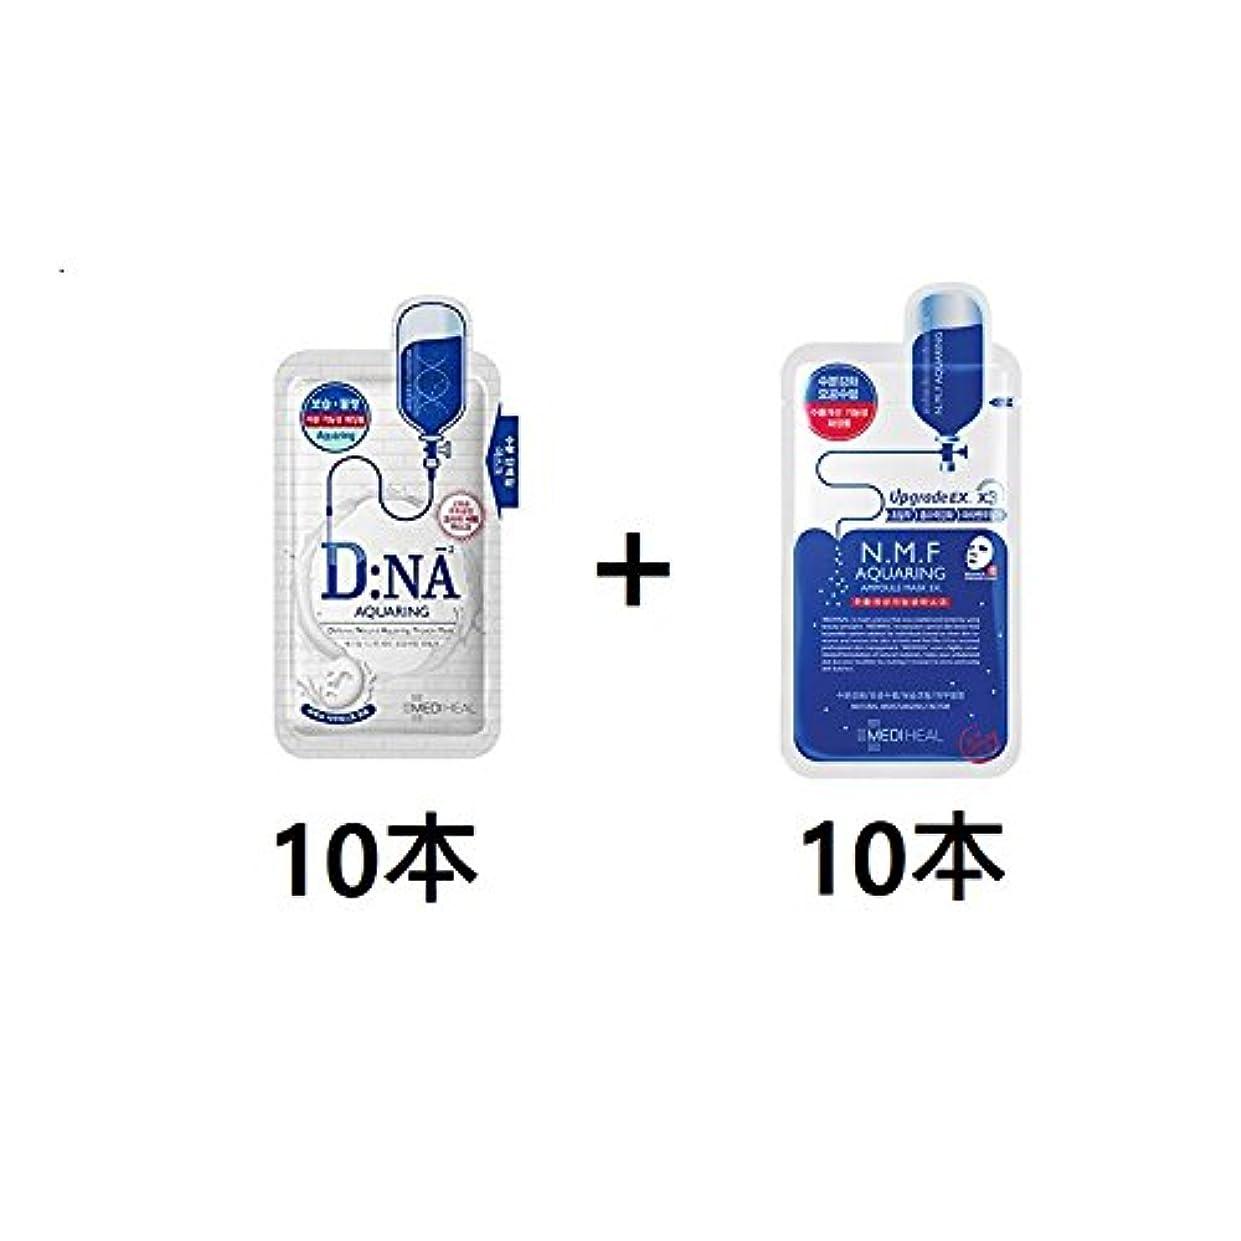 原子炉高速道路脱走[10+10] [メディヒール] Mediheal [N.M.F アクアリング アンプルマスク EX (10枚)] + Mediheal DNA [プロアチン マスクパック (アクアリング) (10枚) ] [並行輸入品]